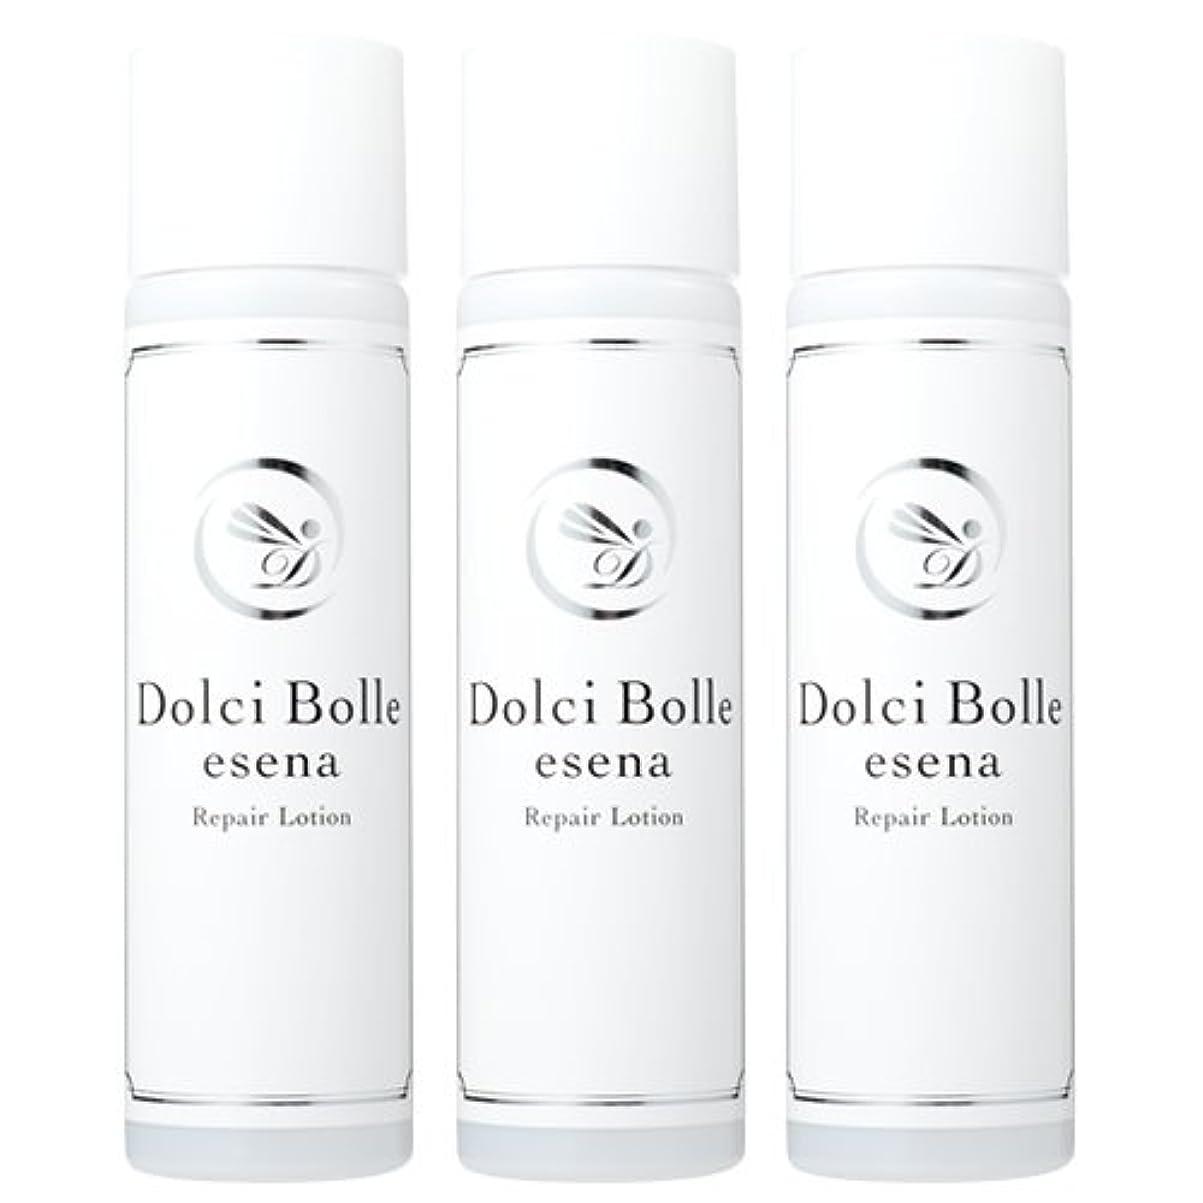 フェデレーションつなぐログDolci Bolle(ドルチボーレ) esena(エセナ) リペアローション 150ml 3本セット